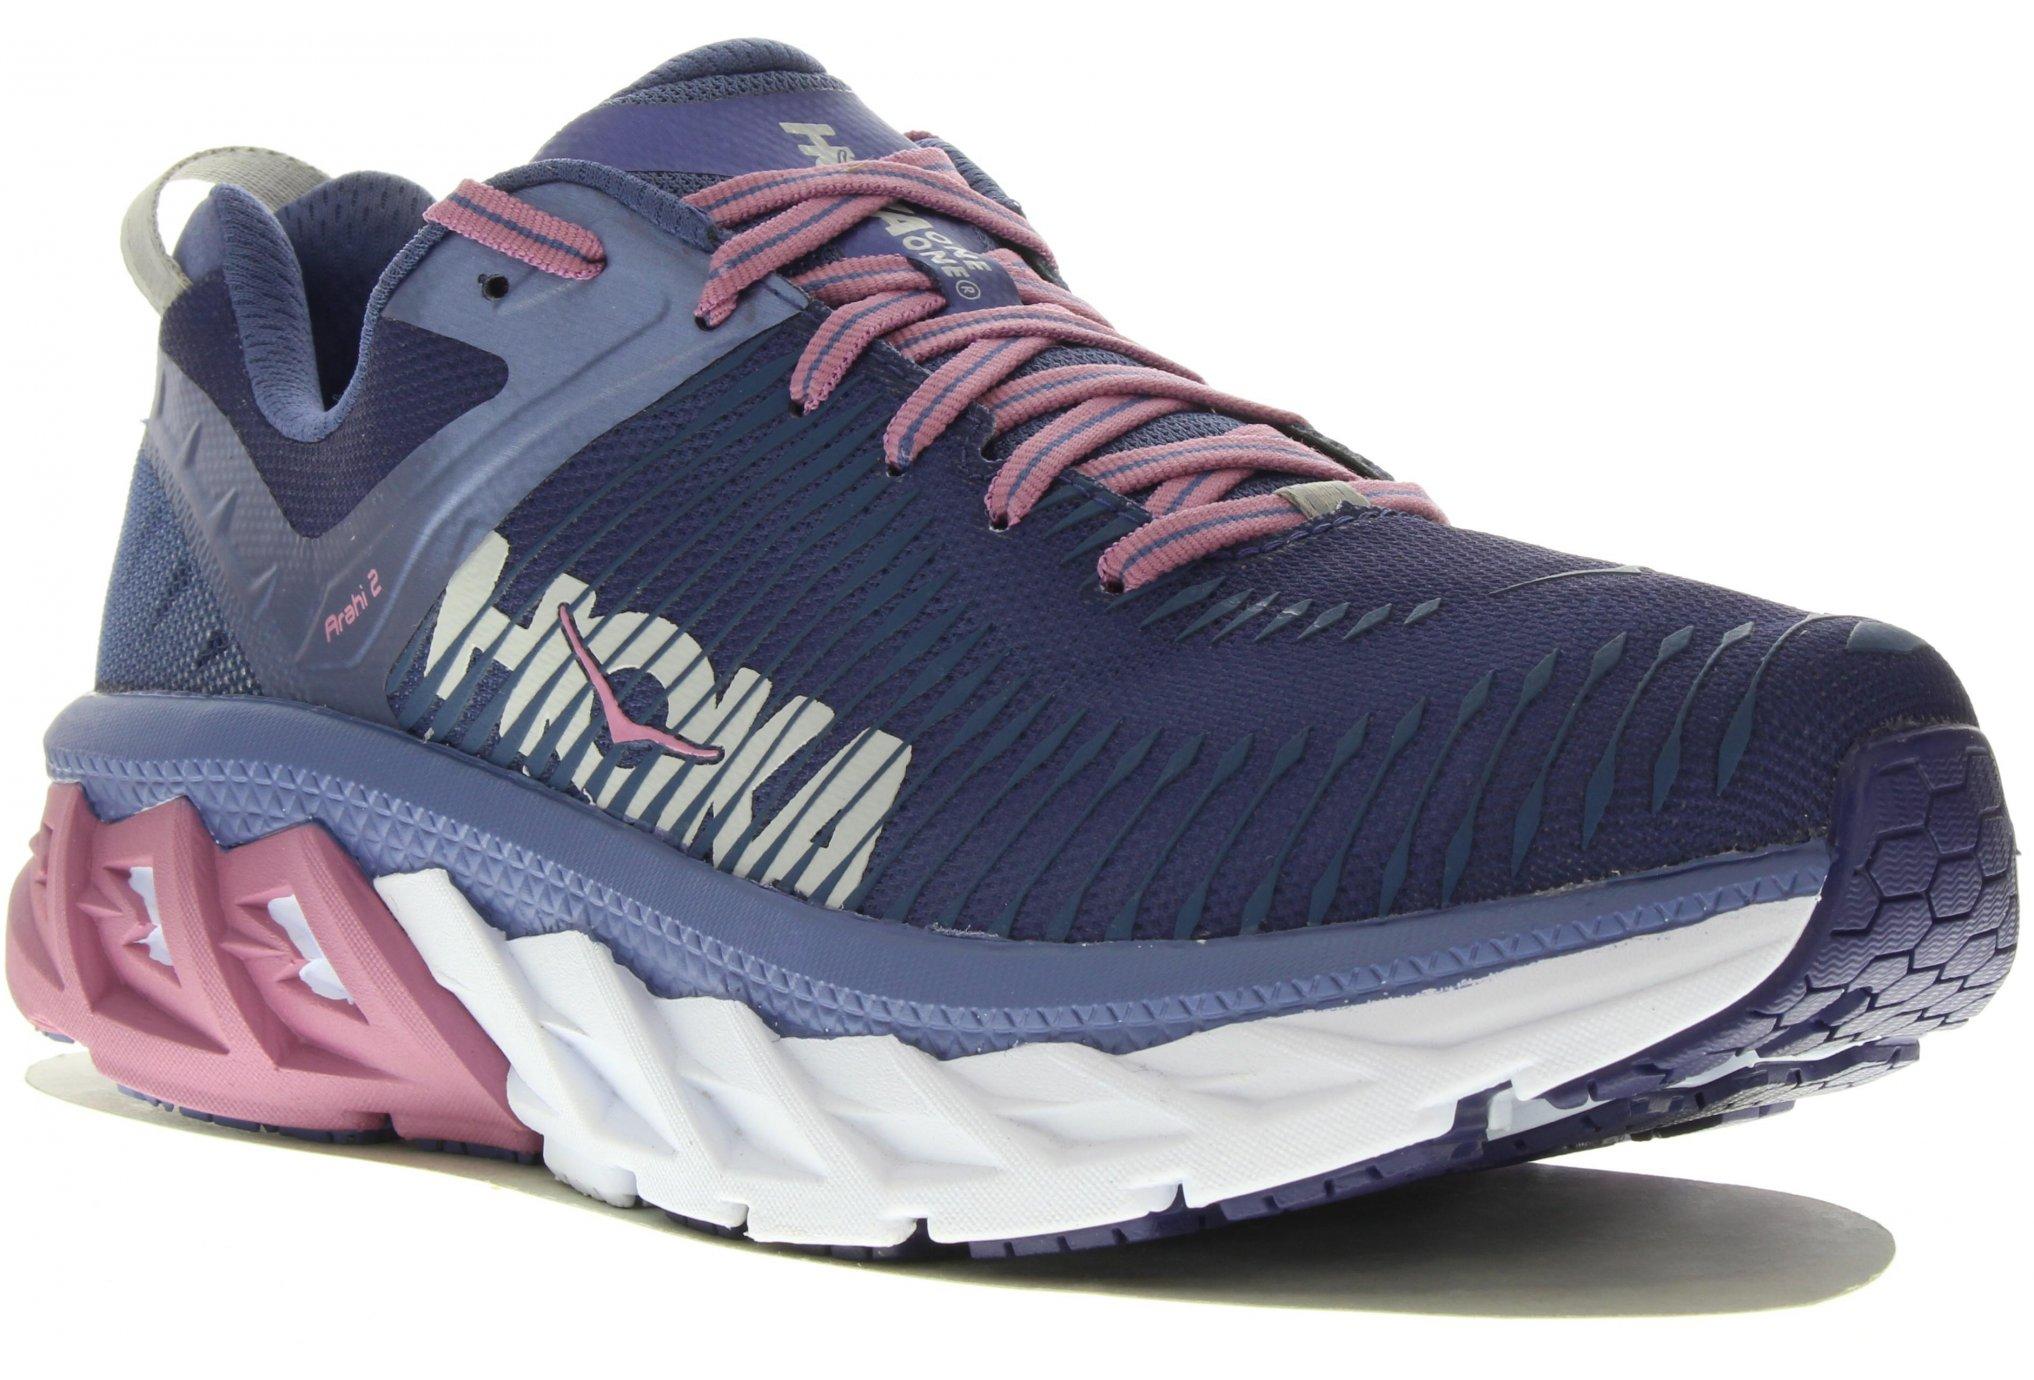 Hoka One one arahi 2 w chaussures running femme